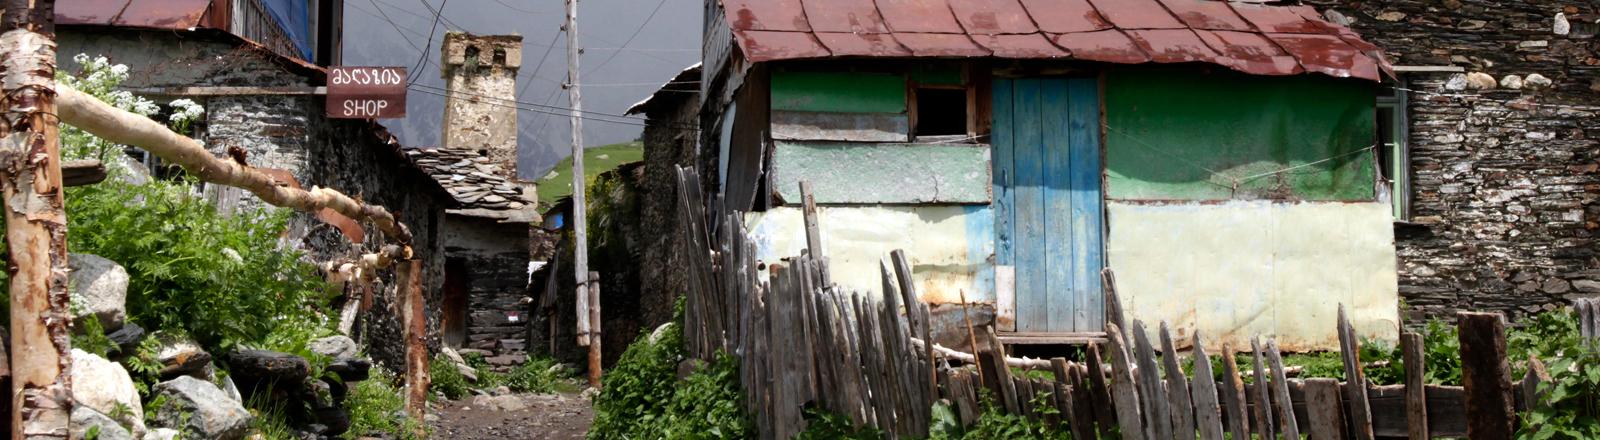 Uschguli ist eine Gemeinschaft von vier Dörfern am oberen Ende der Enguri-Schlucht im Großen Kaukasus.